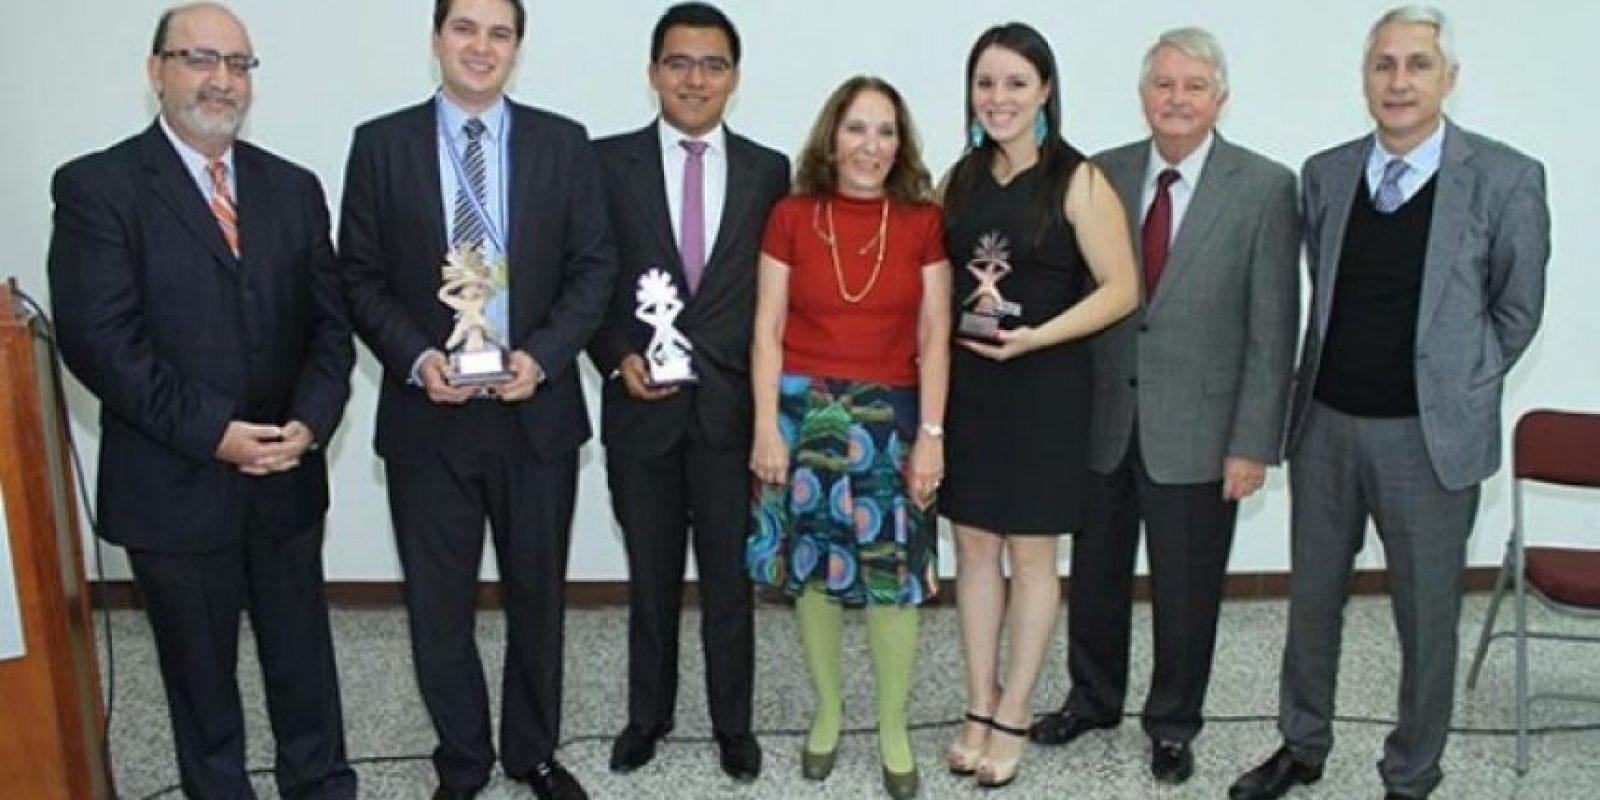 Los estudiantes reconocidos junto a directivos de la Universidad del Valle de Guatemala y de la Fundación Pantaleón / Foto cortesía UVG